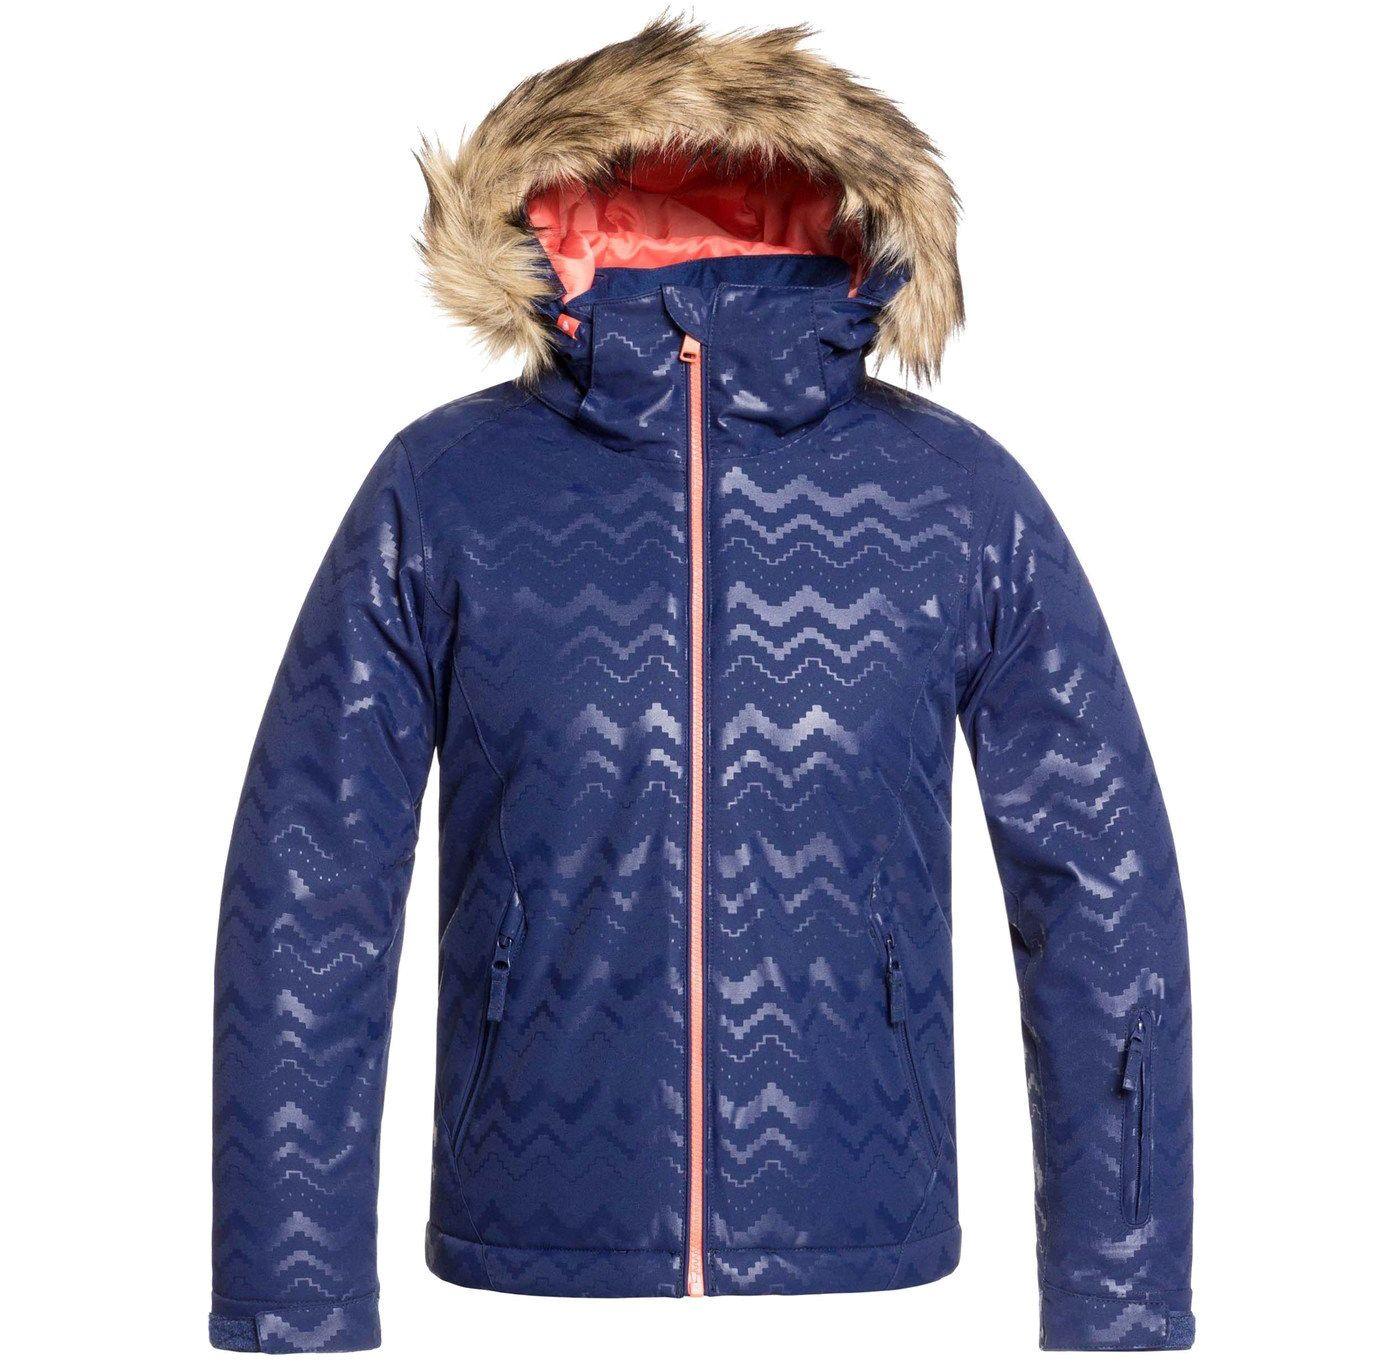 Roxy Girls' American Pie Snow Jacket